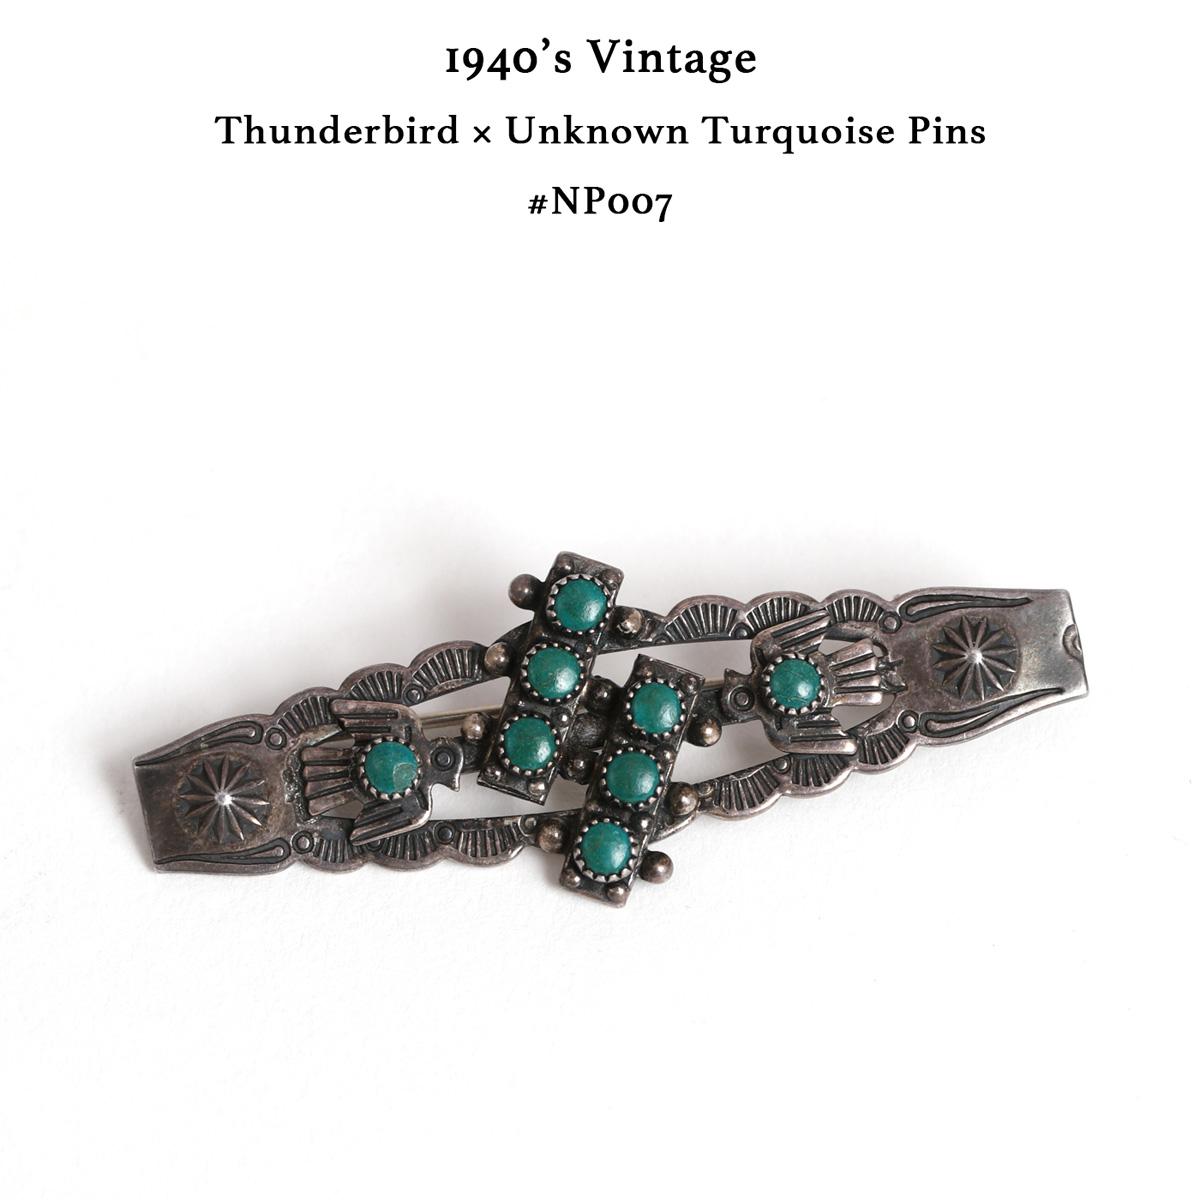 【メール便配送】 1940's ビンテージ ナバホ サンダーバード ターコイズピンズ ナバホ族 navajo #NP007